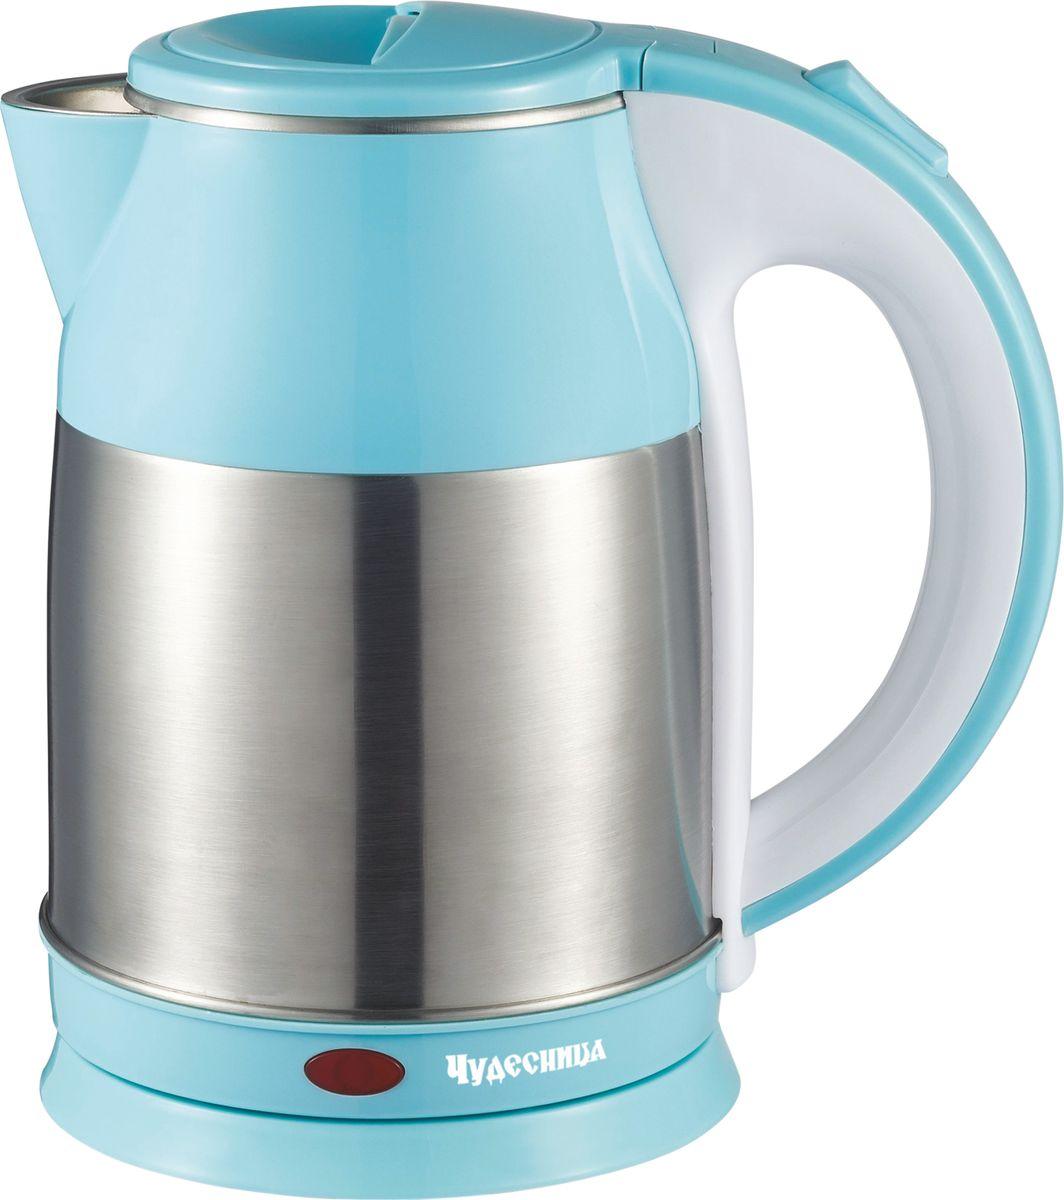 Электрический чайник Чудесница ЭЧ-2013, Blue чайник чудесница эч 2004 2006 2007 2009 2010 2011